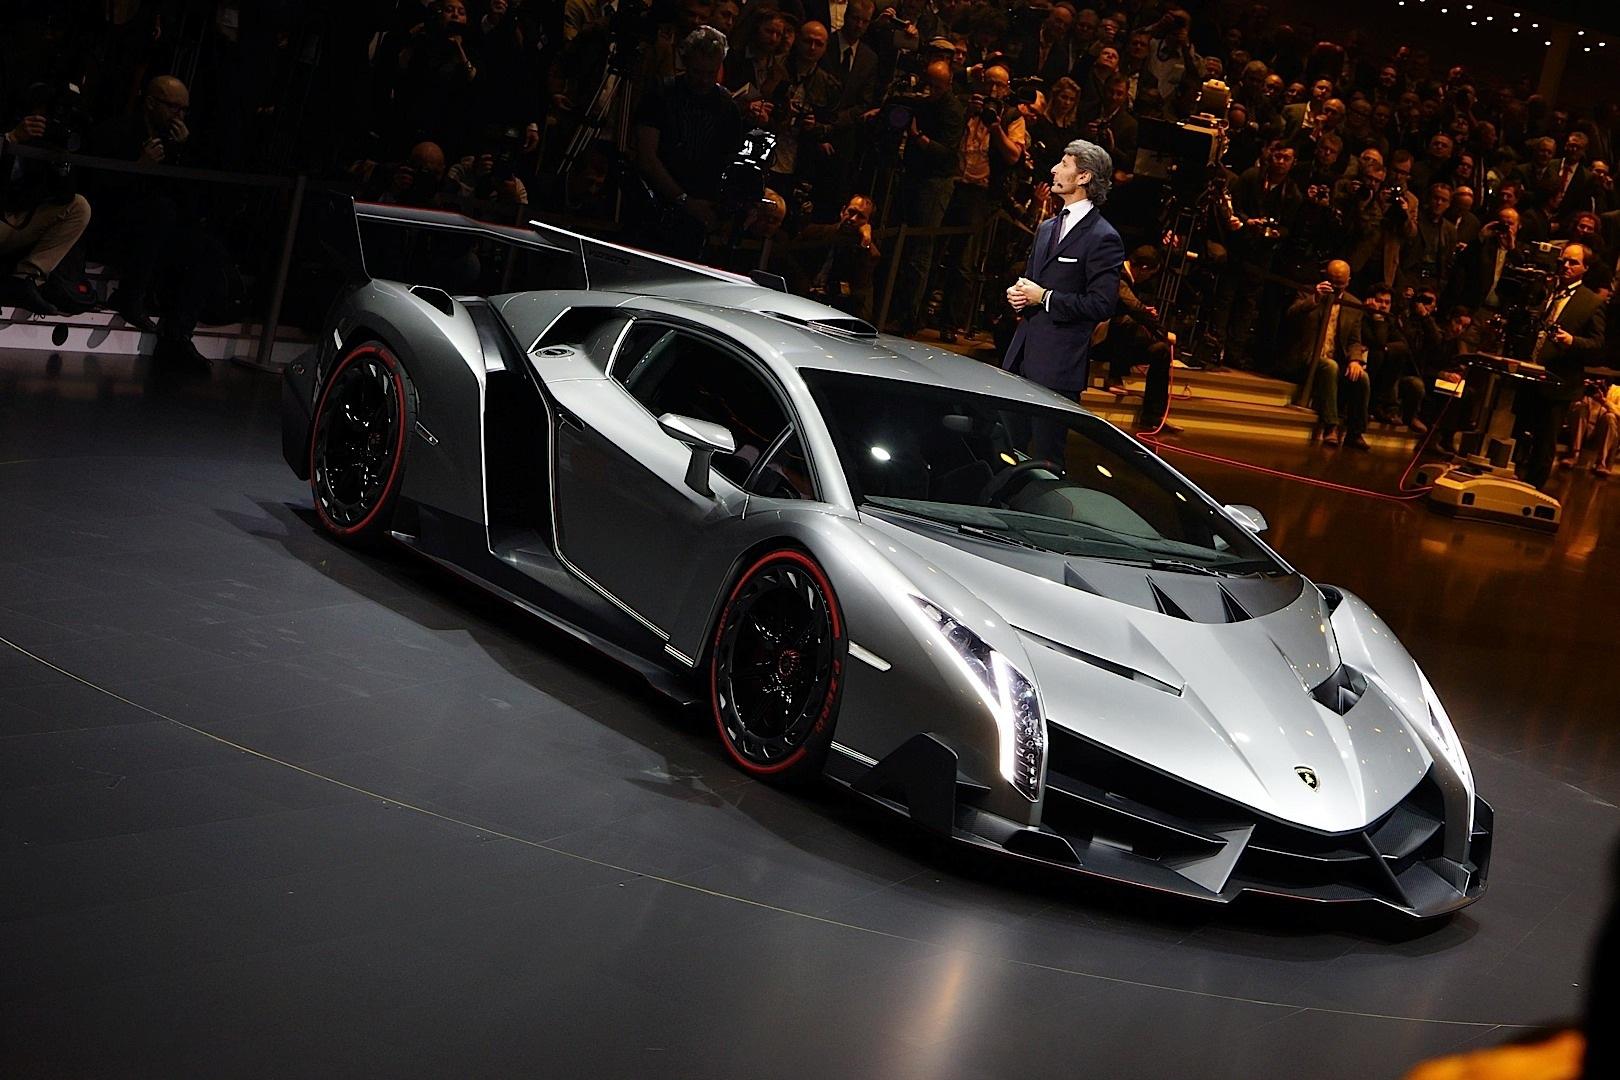 Lamborghini Veneno For Sale >> Lamborghini Veneno Named World's Ugliest Car - autoevolution